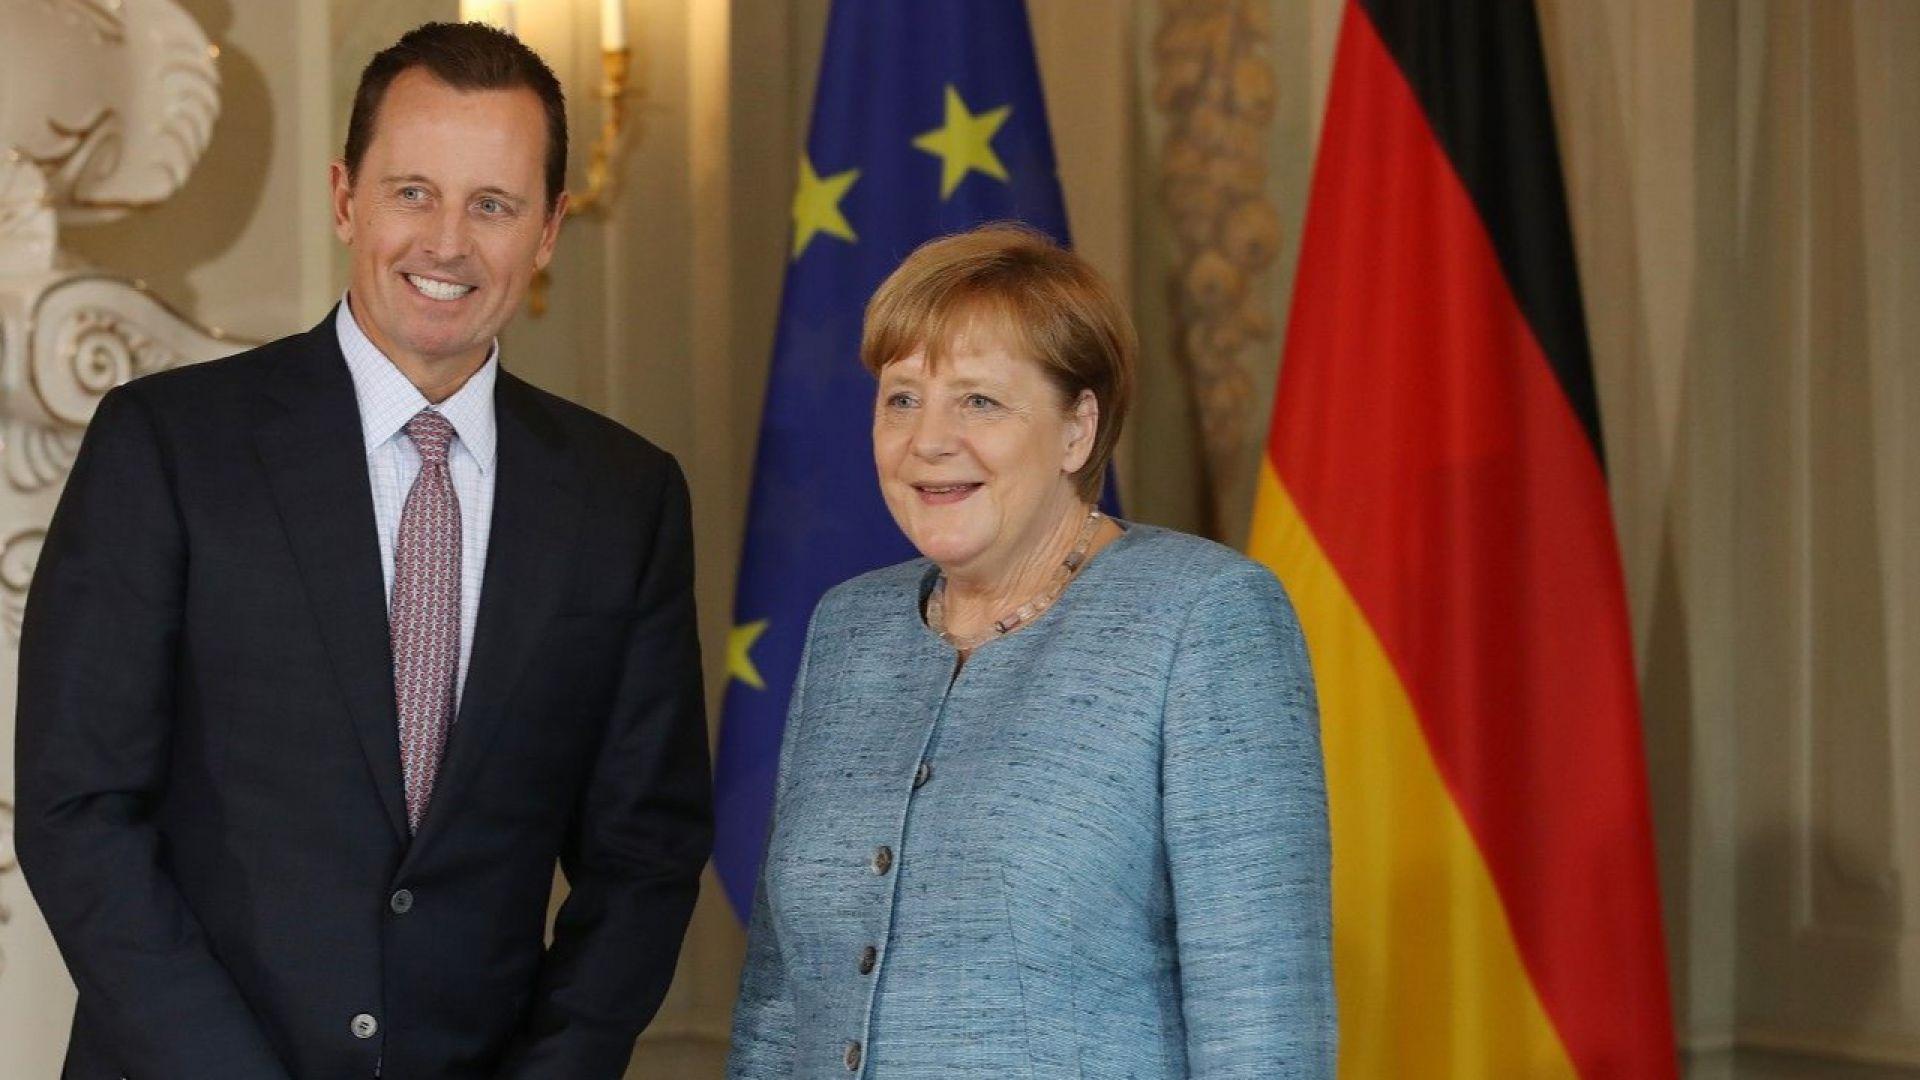 Посланикът на САЩ в Германия Ричард Гренел, който е политически